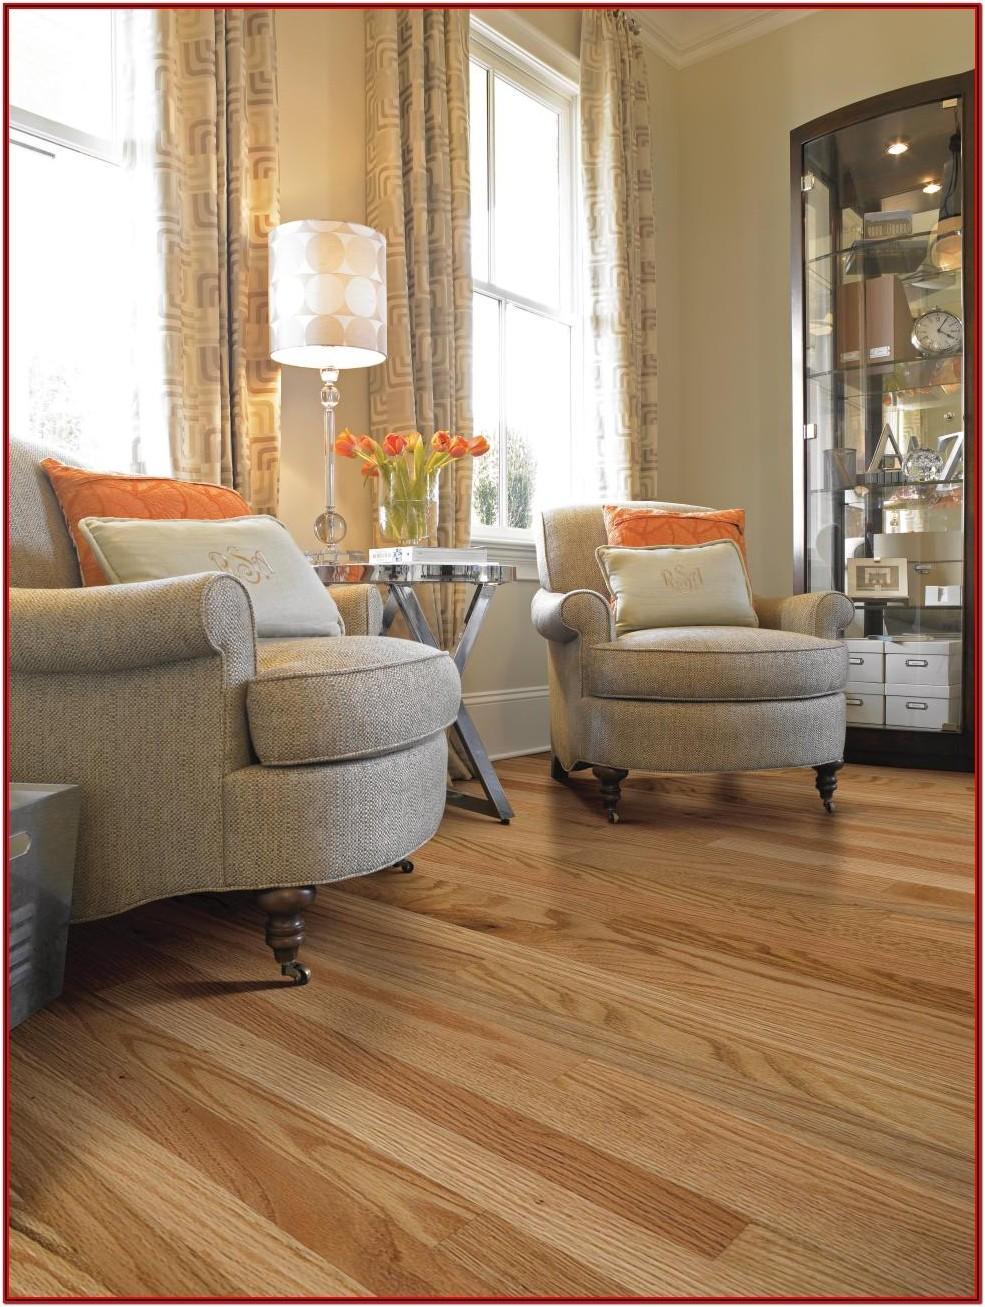 Living Room Hardwood Floor Ideas